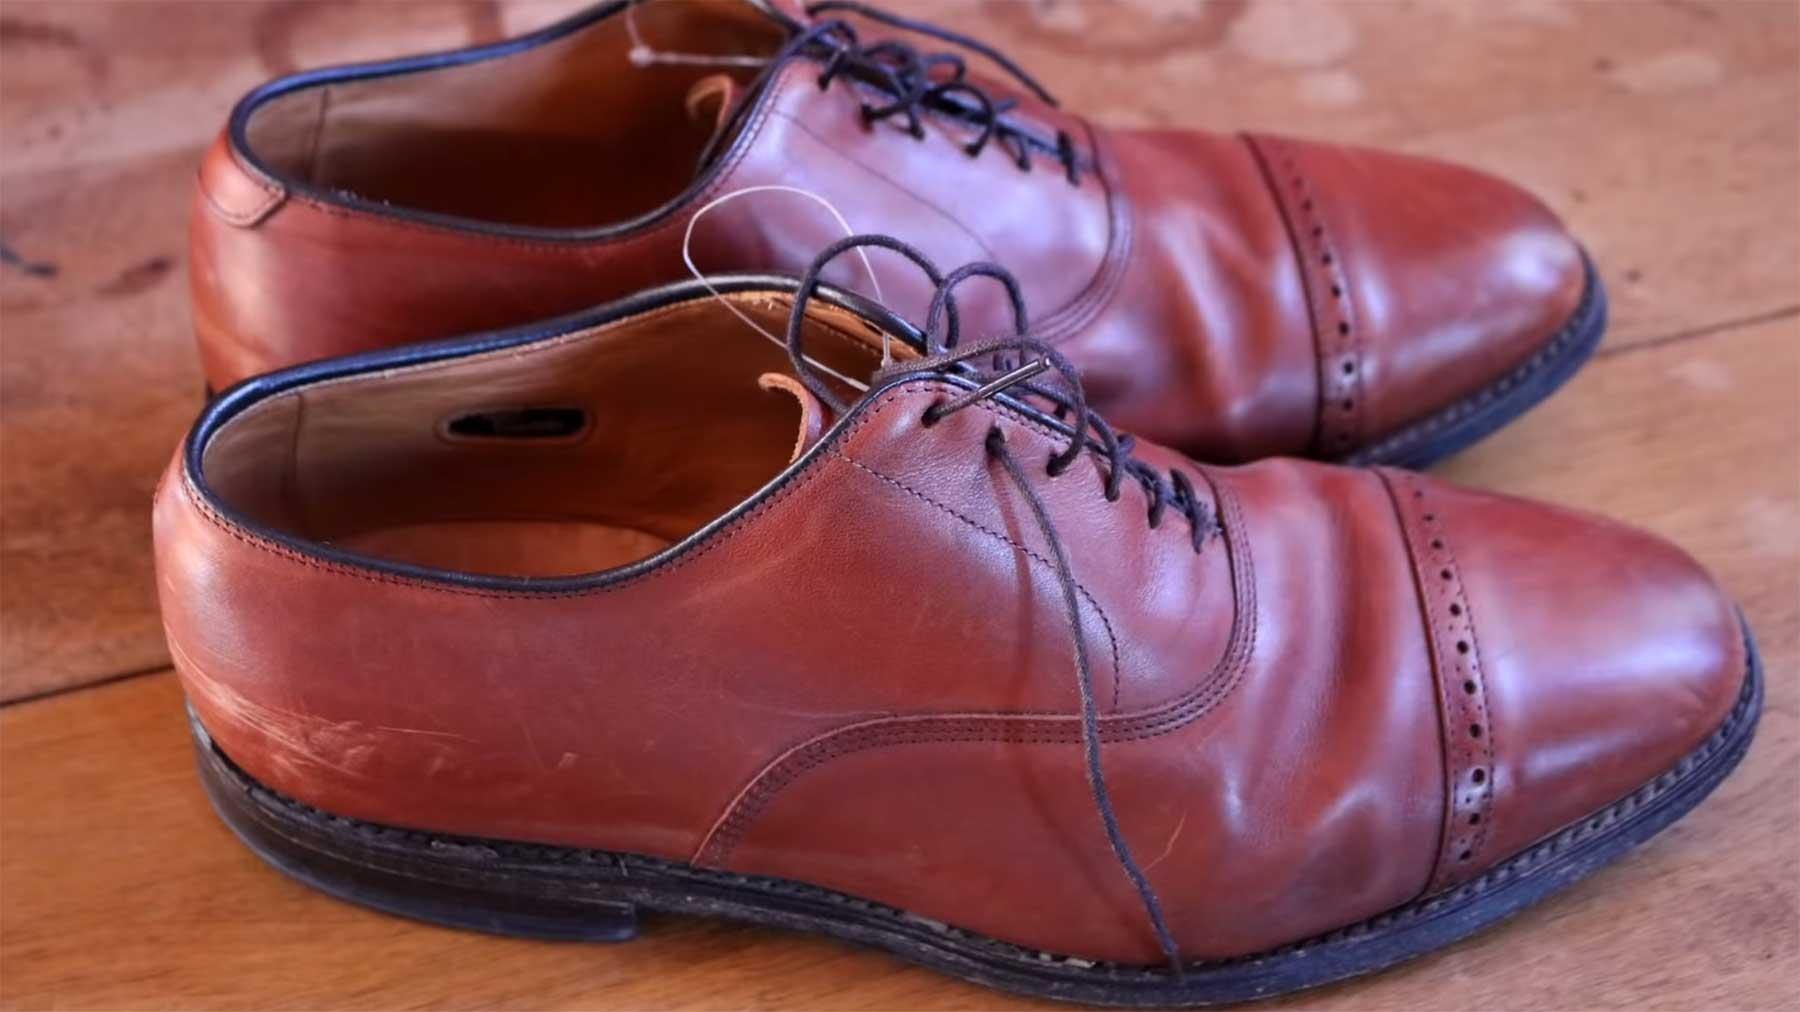 Restauration eines alten Paar Schuhes vom Flohmarkt